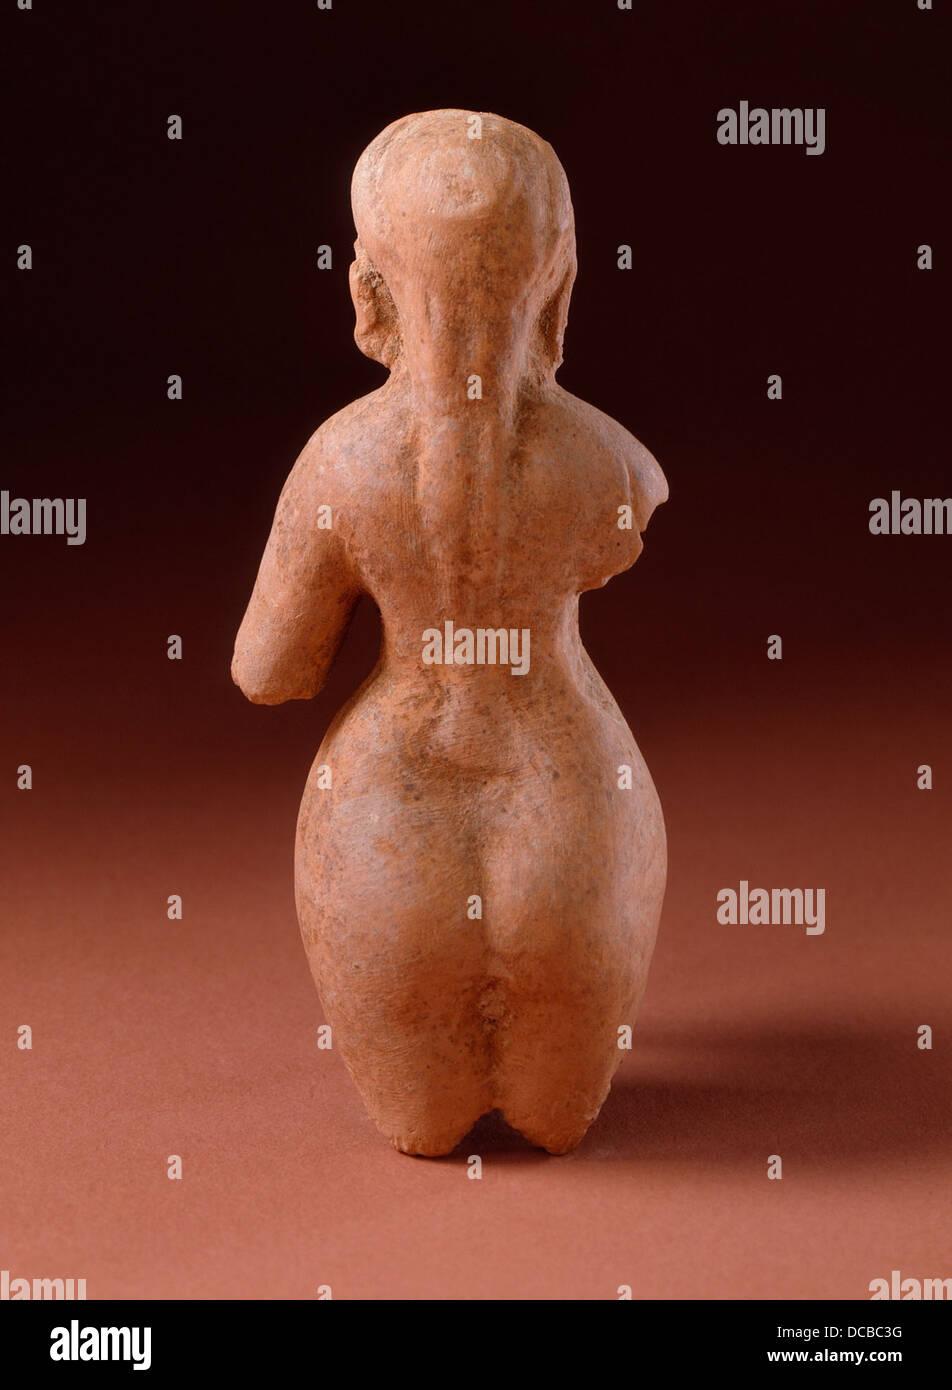 Diosa De La Fertilidad M 89 130 2 2 De 2 Fotografía De Stock Alamy